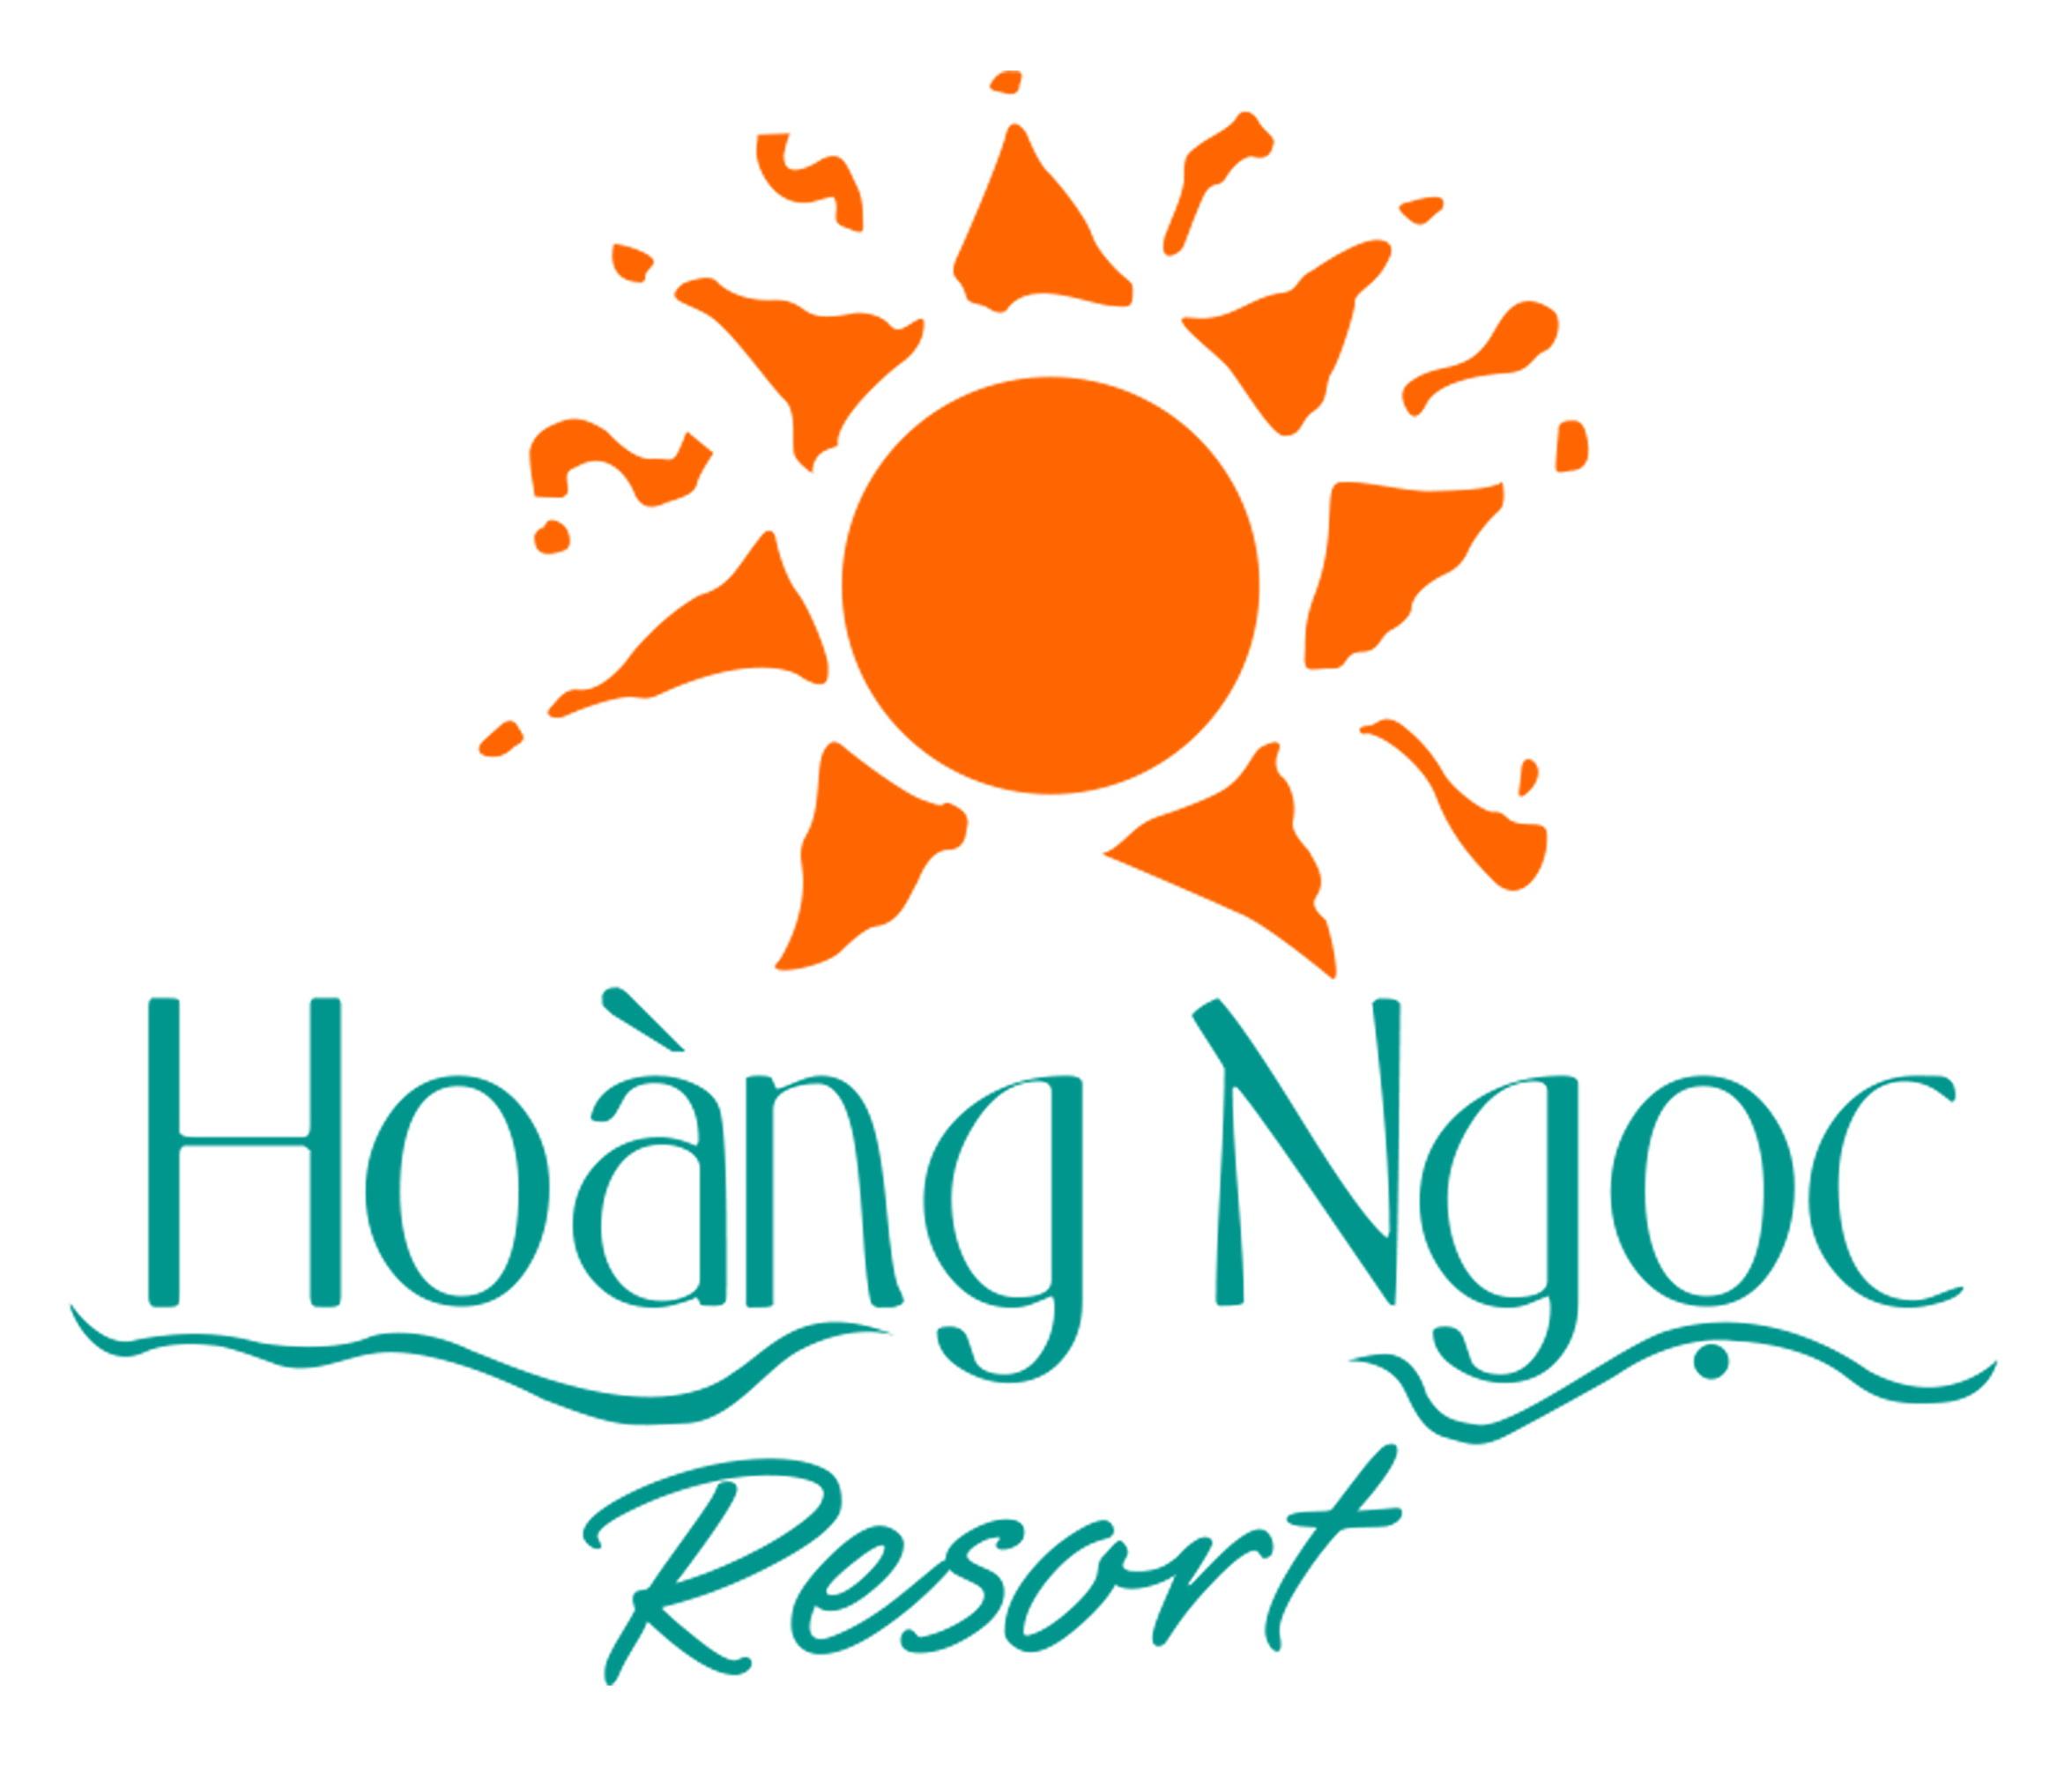 In thêu Logo